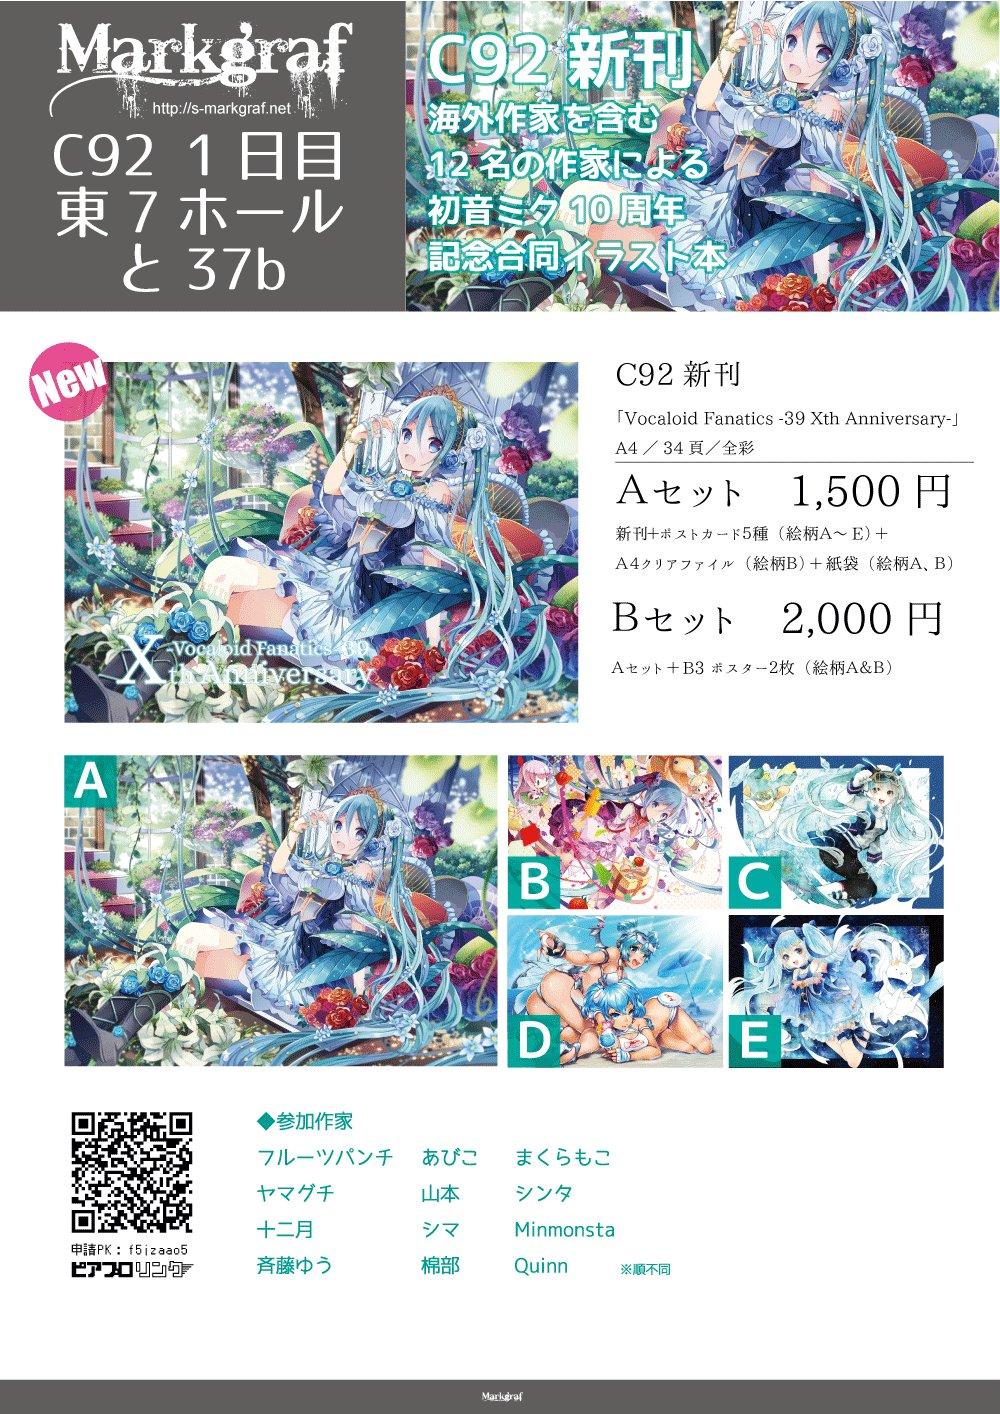 c92oshinagaki.jpg